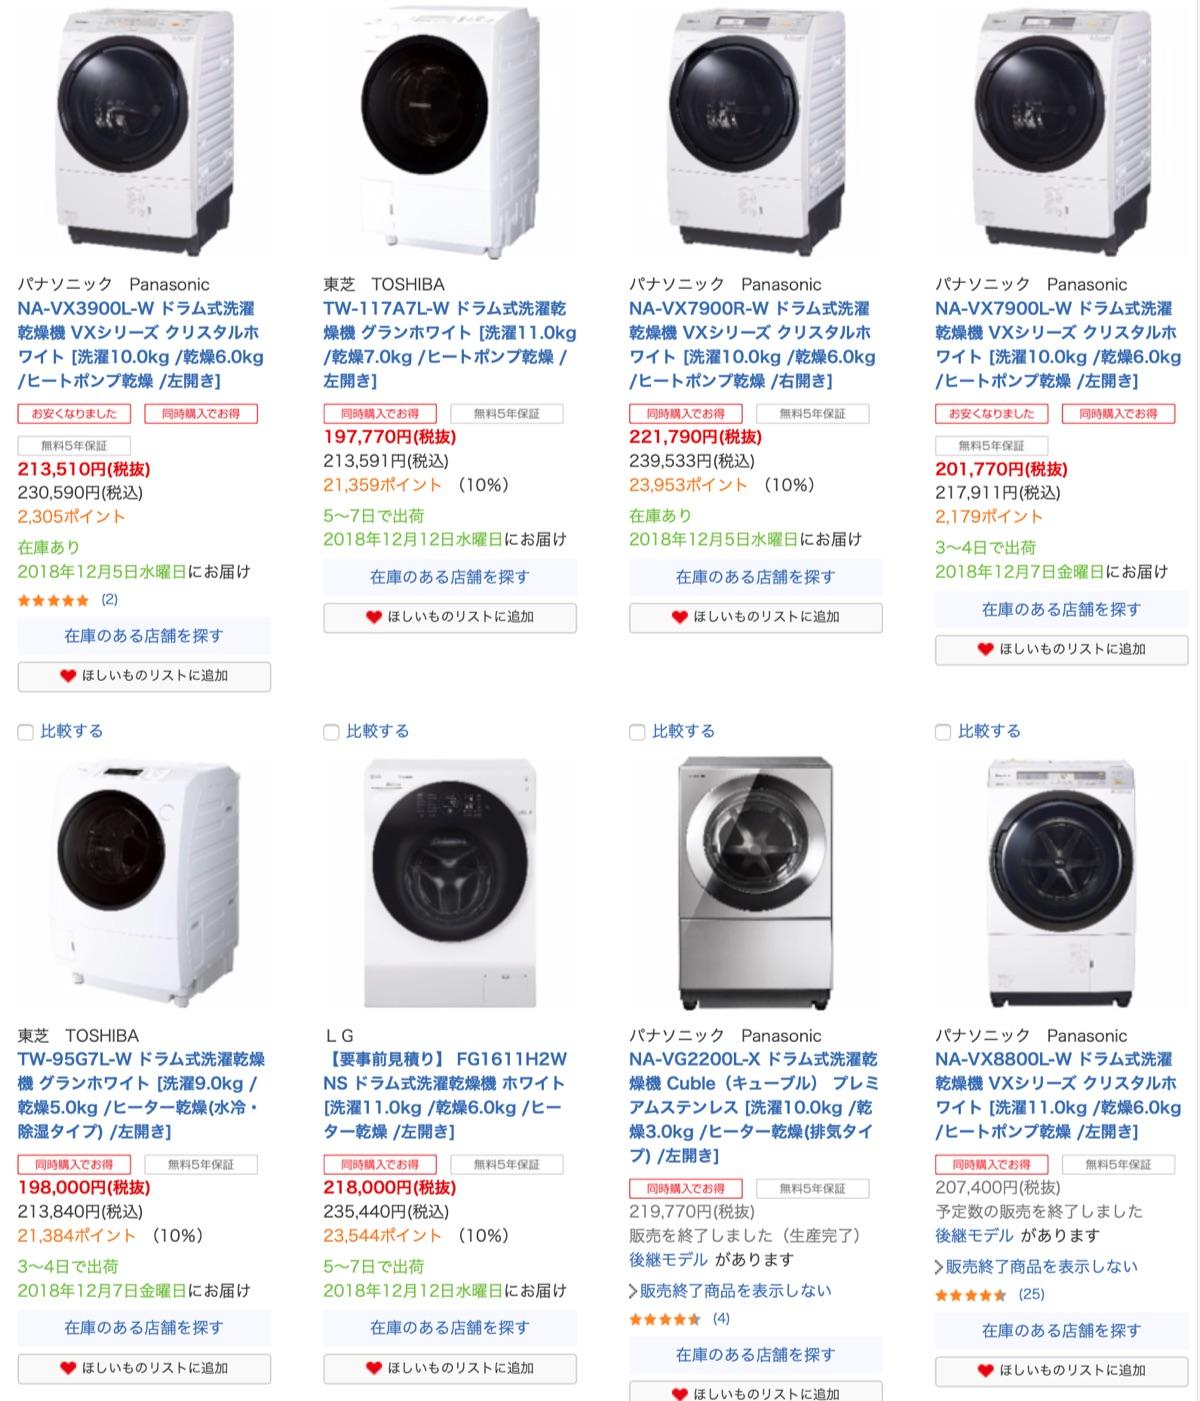 PayPay x ビックカメラ - 1